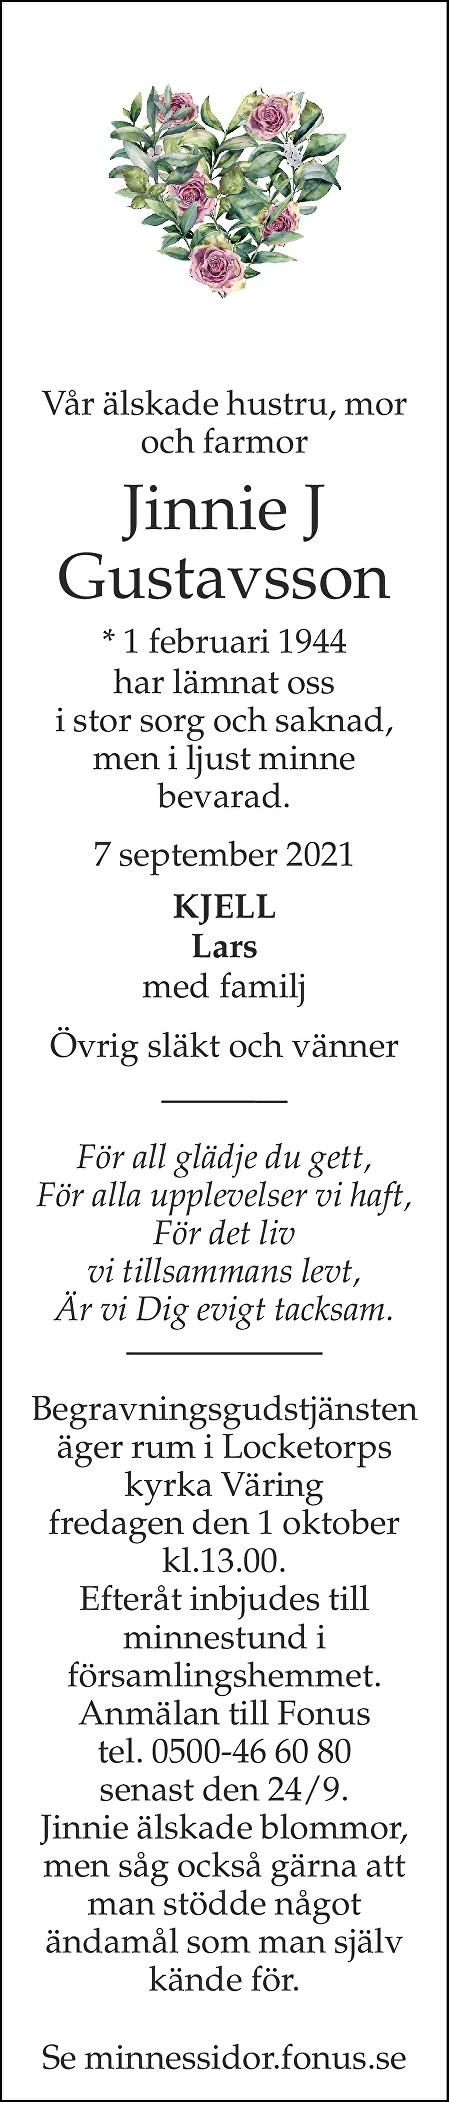 Jinnie J Gustavsson Death notice